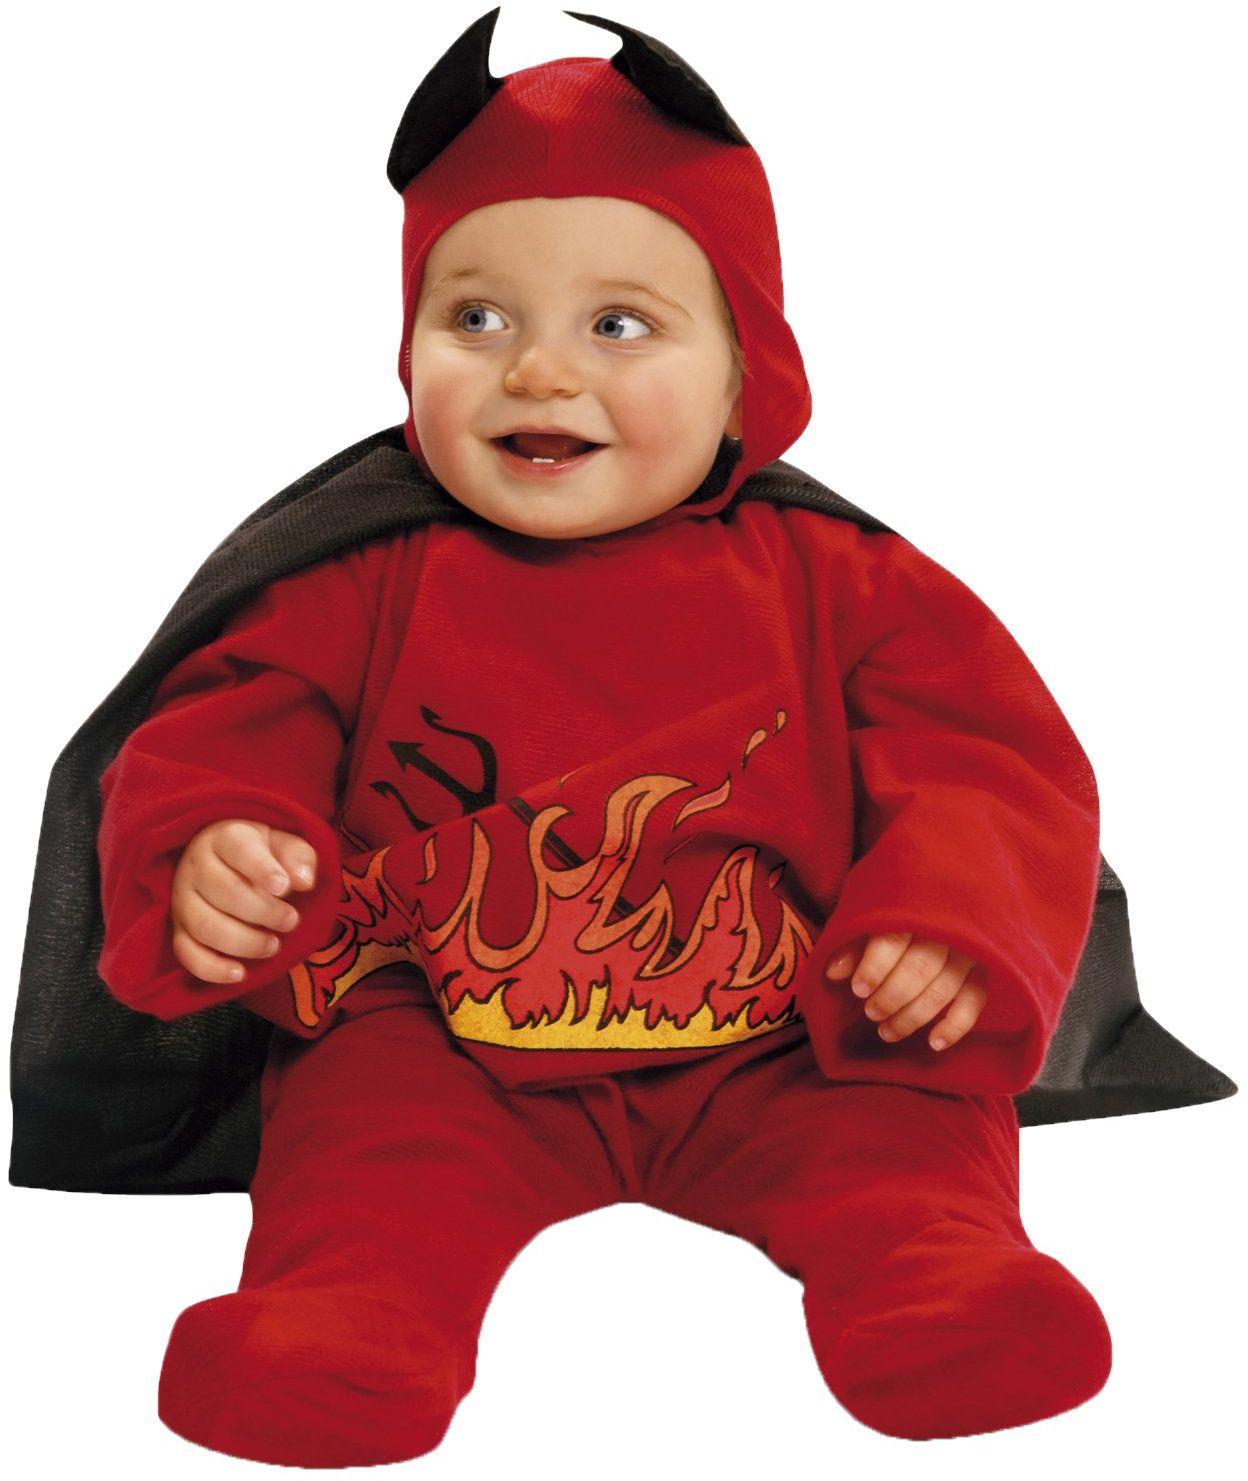 My Other Me -203263 diabelski kostium z peleryną dla dzieci, czerwony, 1-2 lata (Viving Costumes 203263)